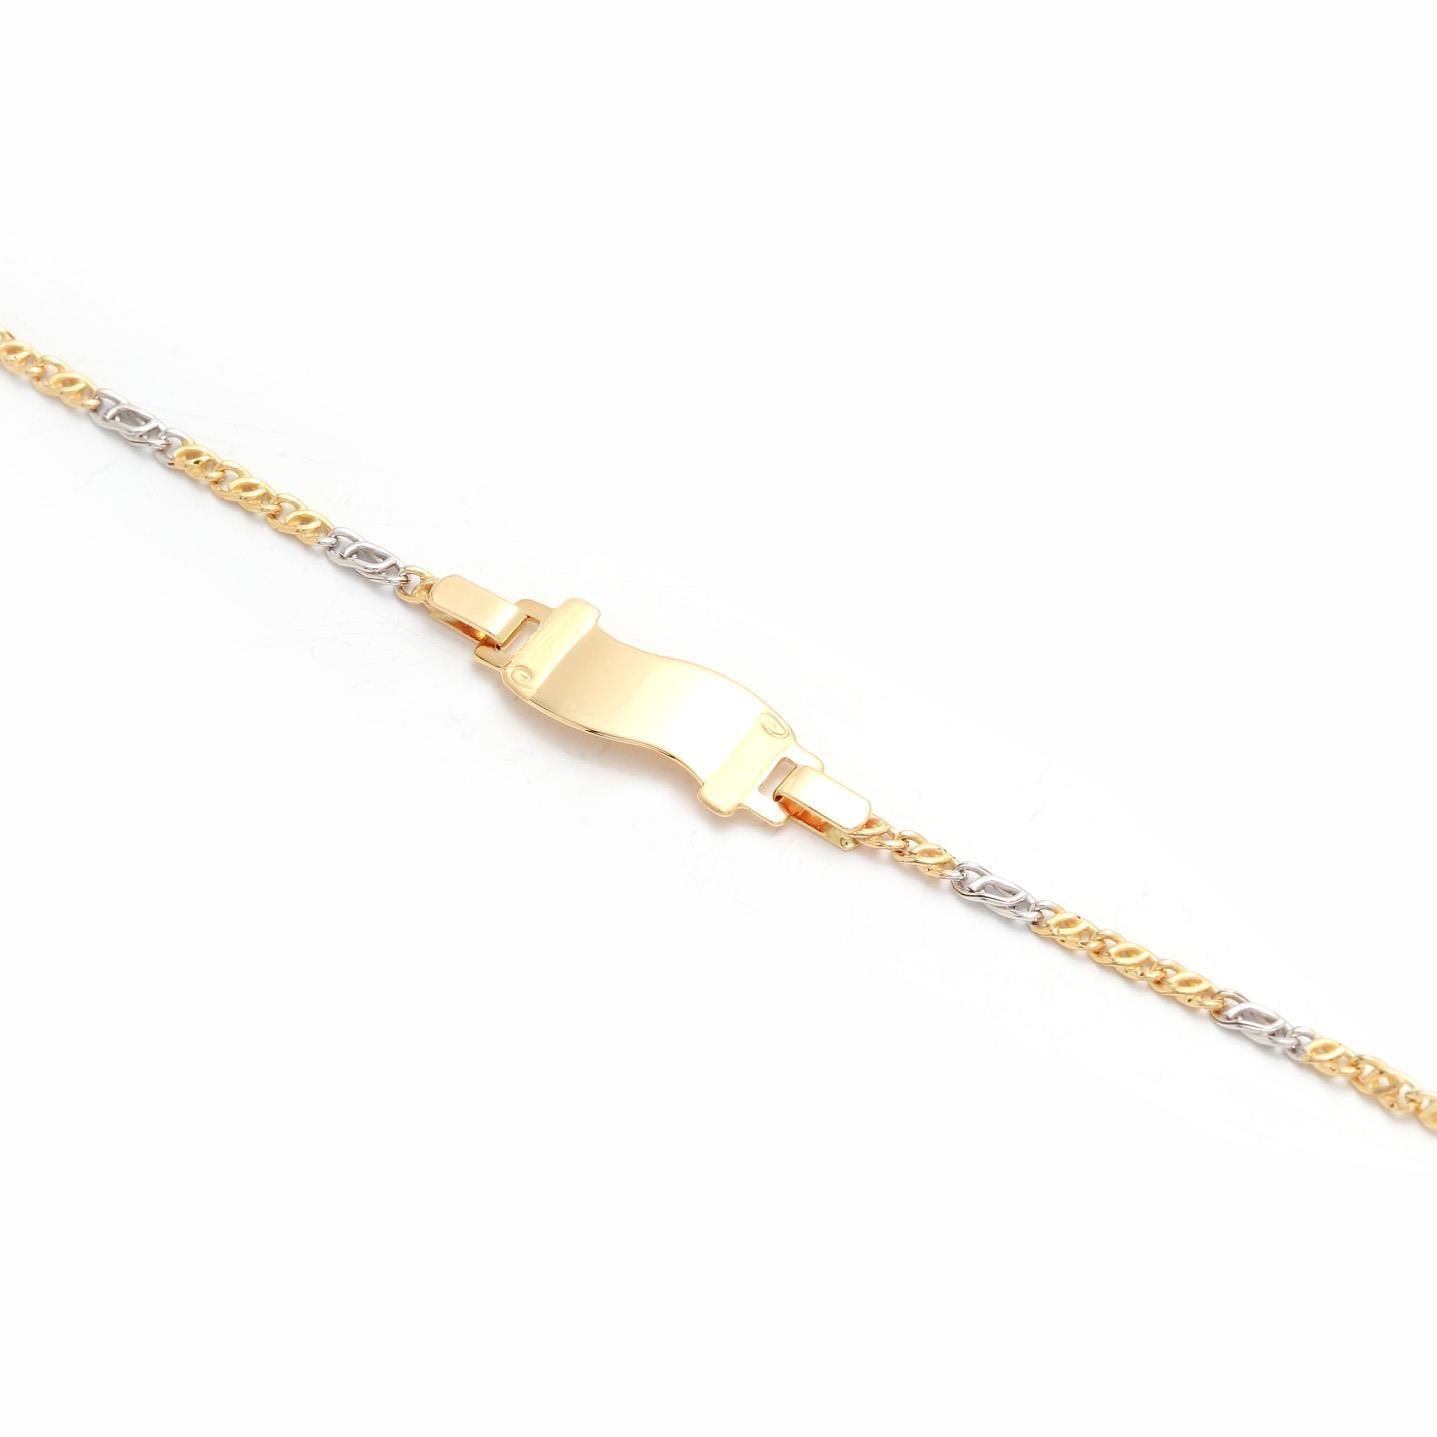 Zlatý náramok FERMONTA 5MK00065